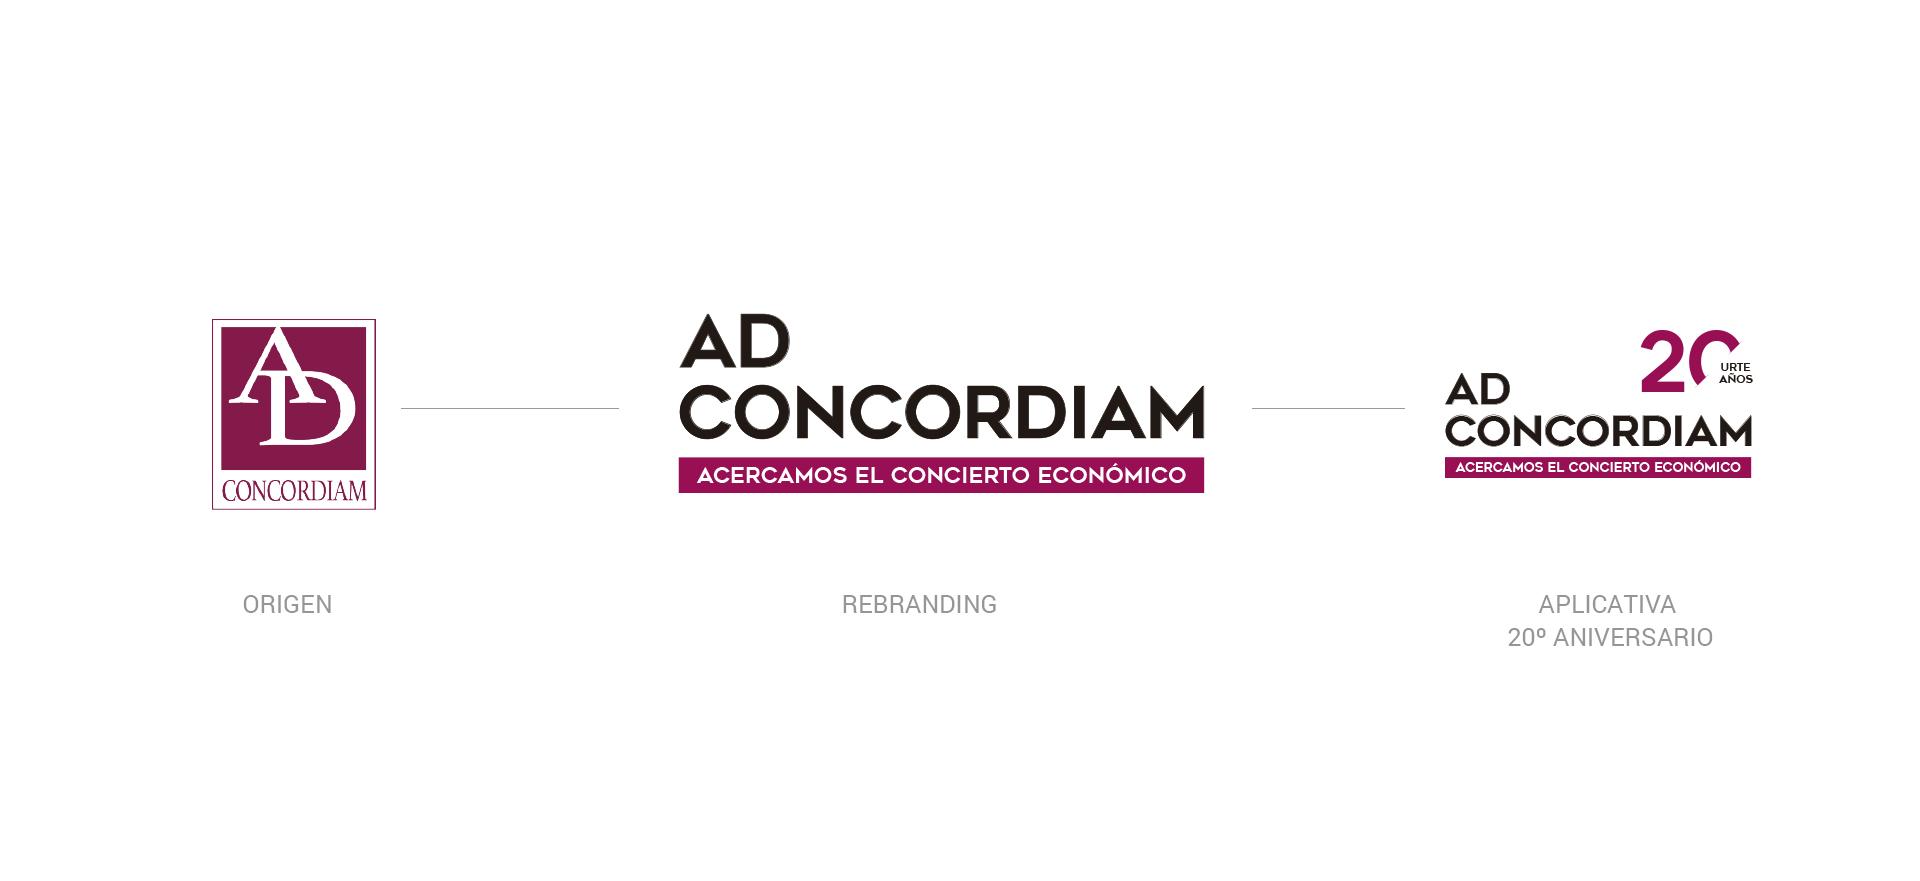 Rebranding Ad Concordiam